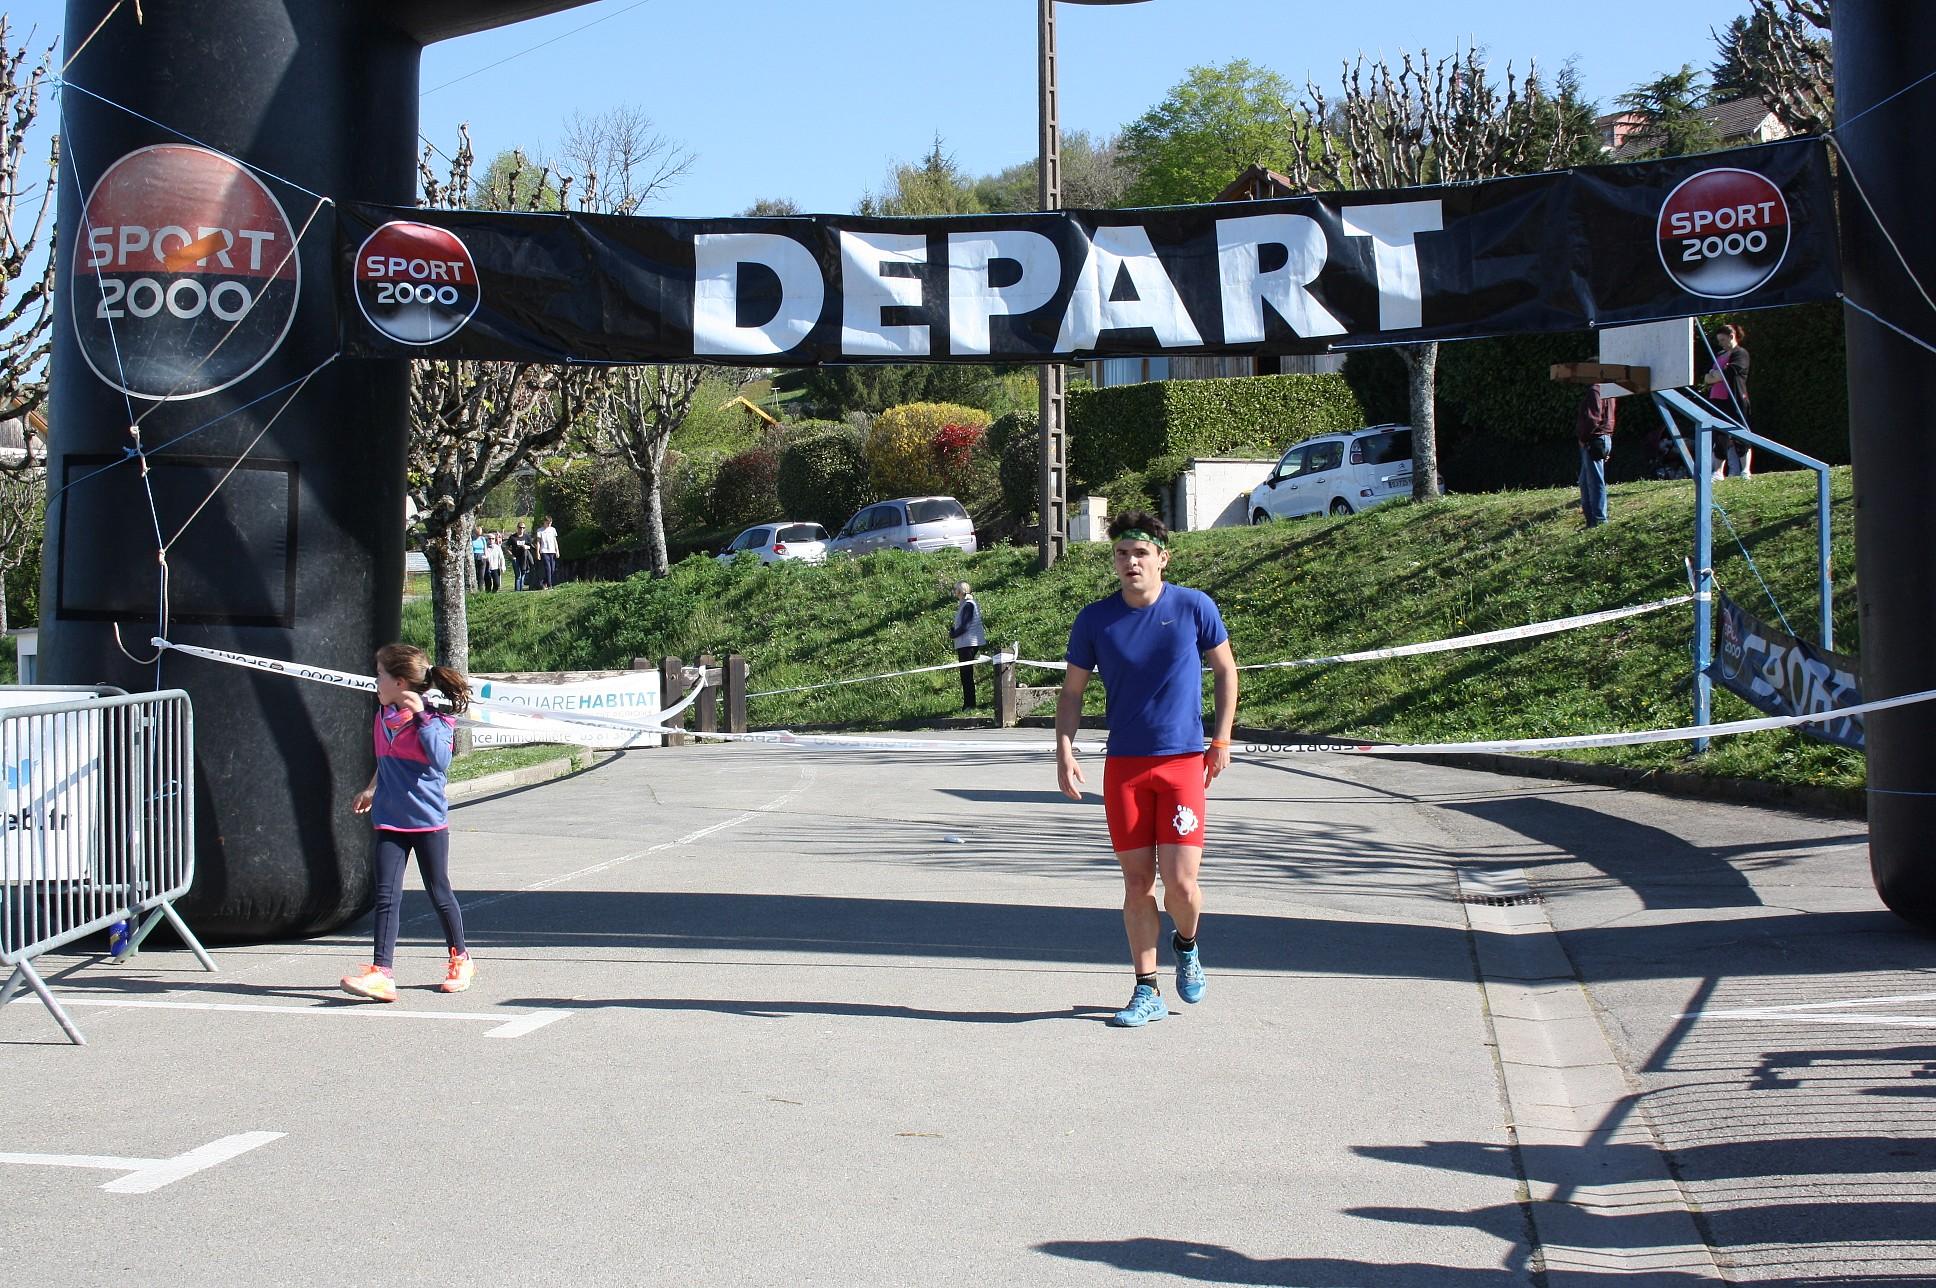 2017-04-09 - Trail-Montfaucon-Juliette (189)